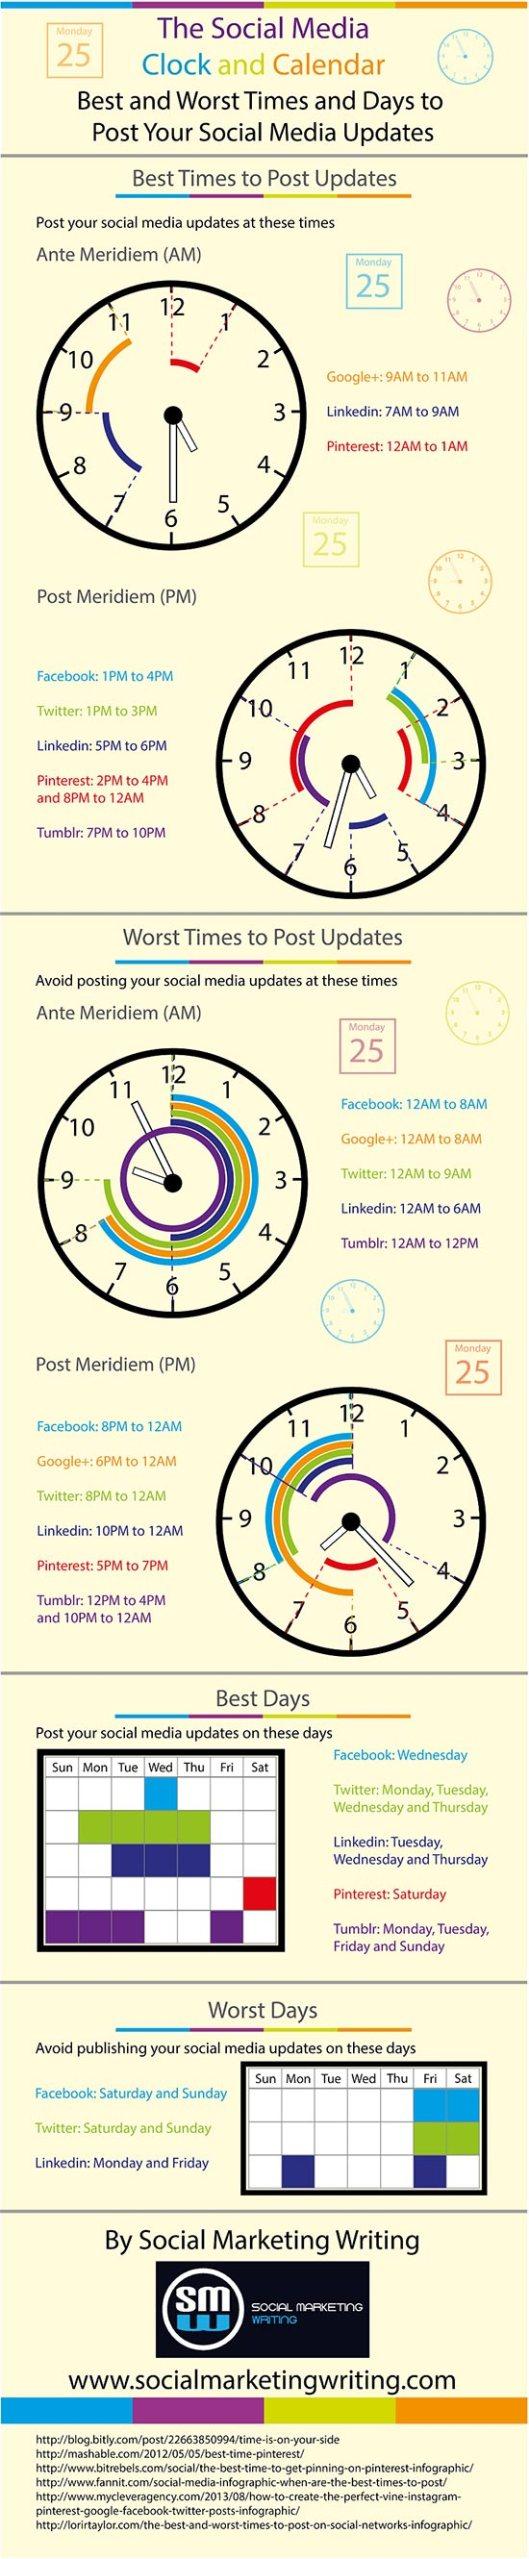 Social-Media-a-che-ora-ed-in-che-giorno-postare-Infografica-Big